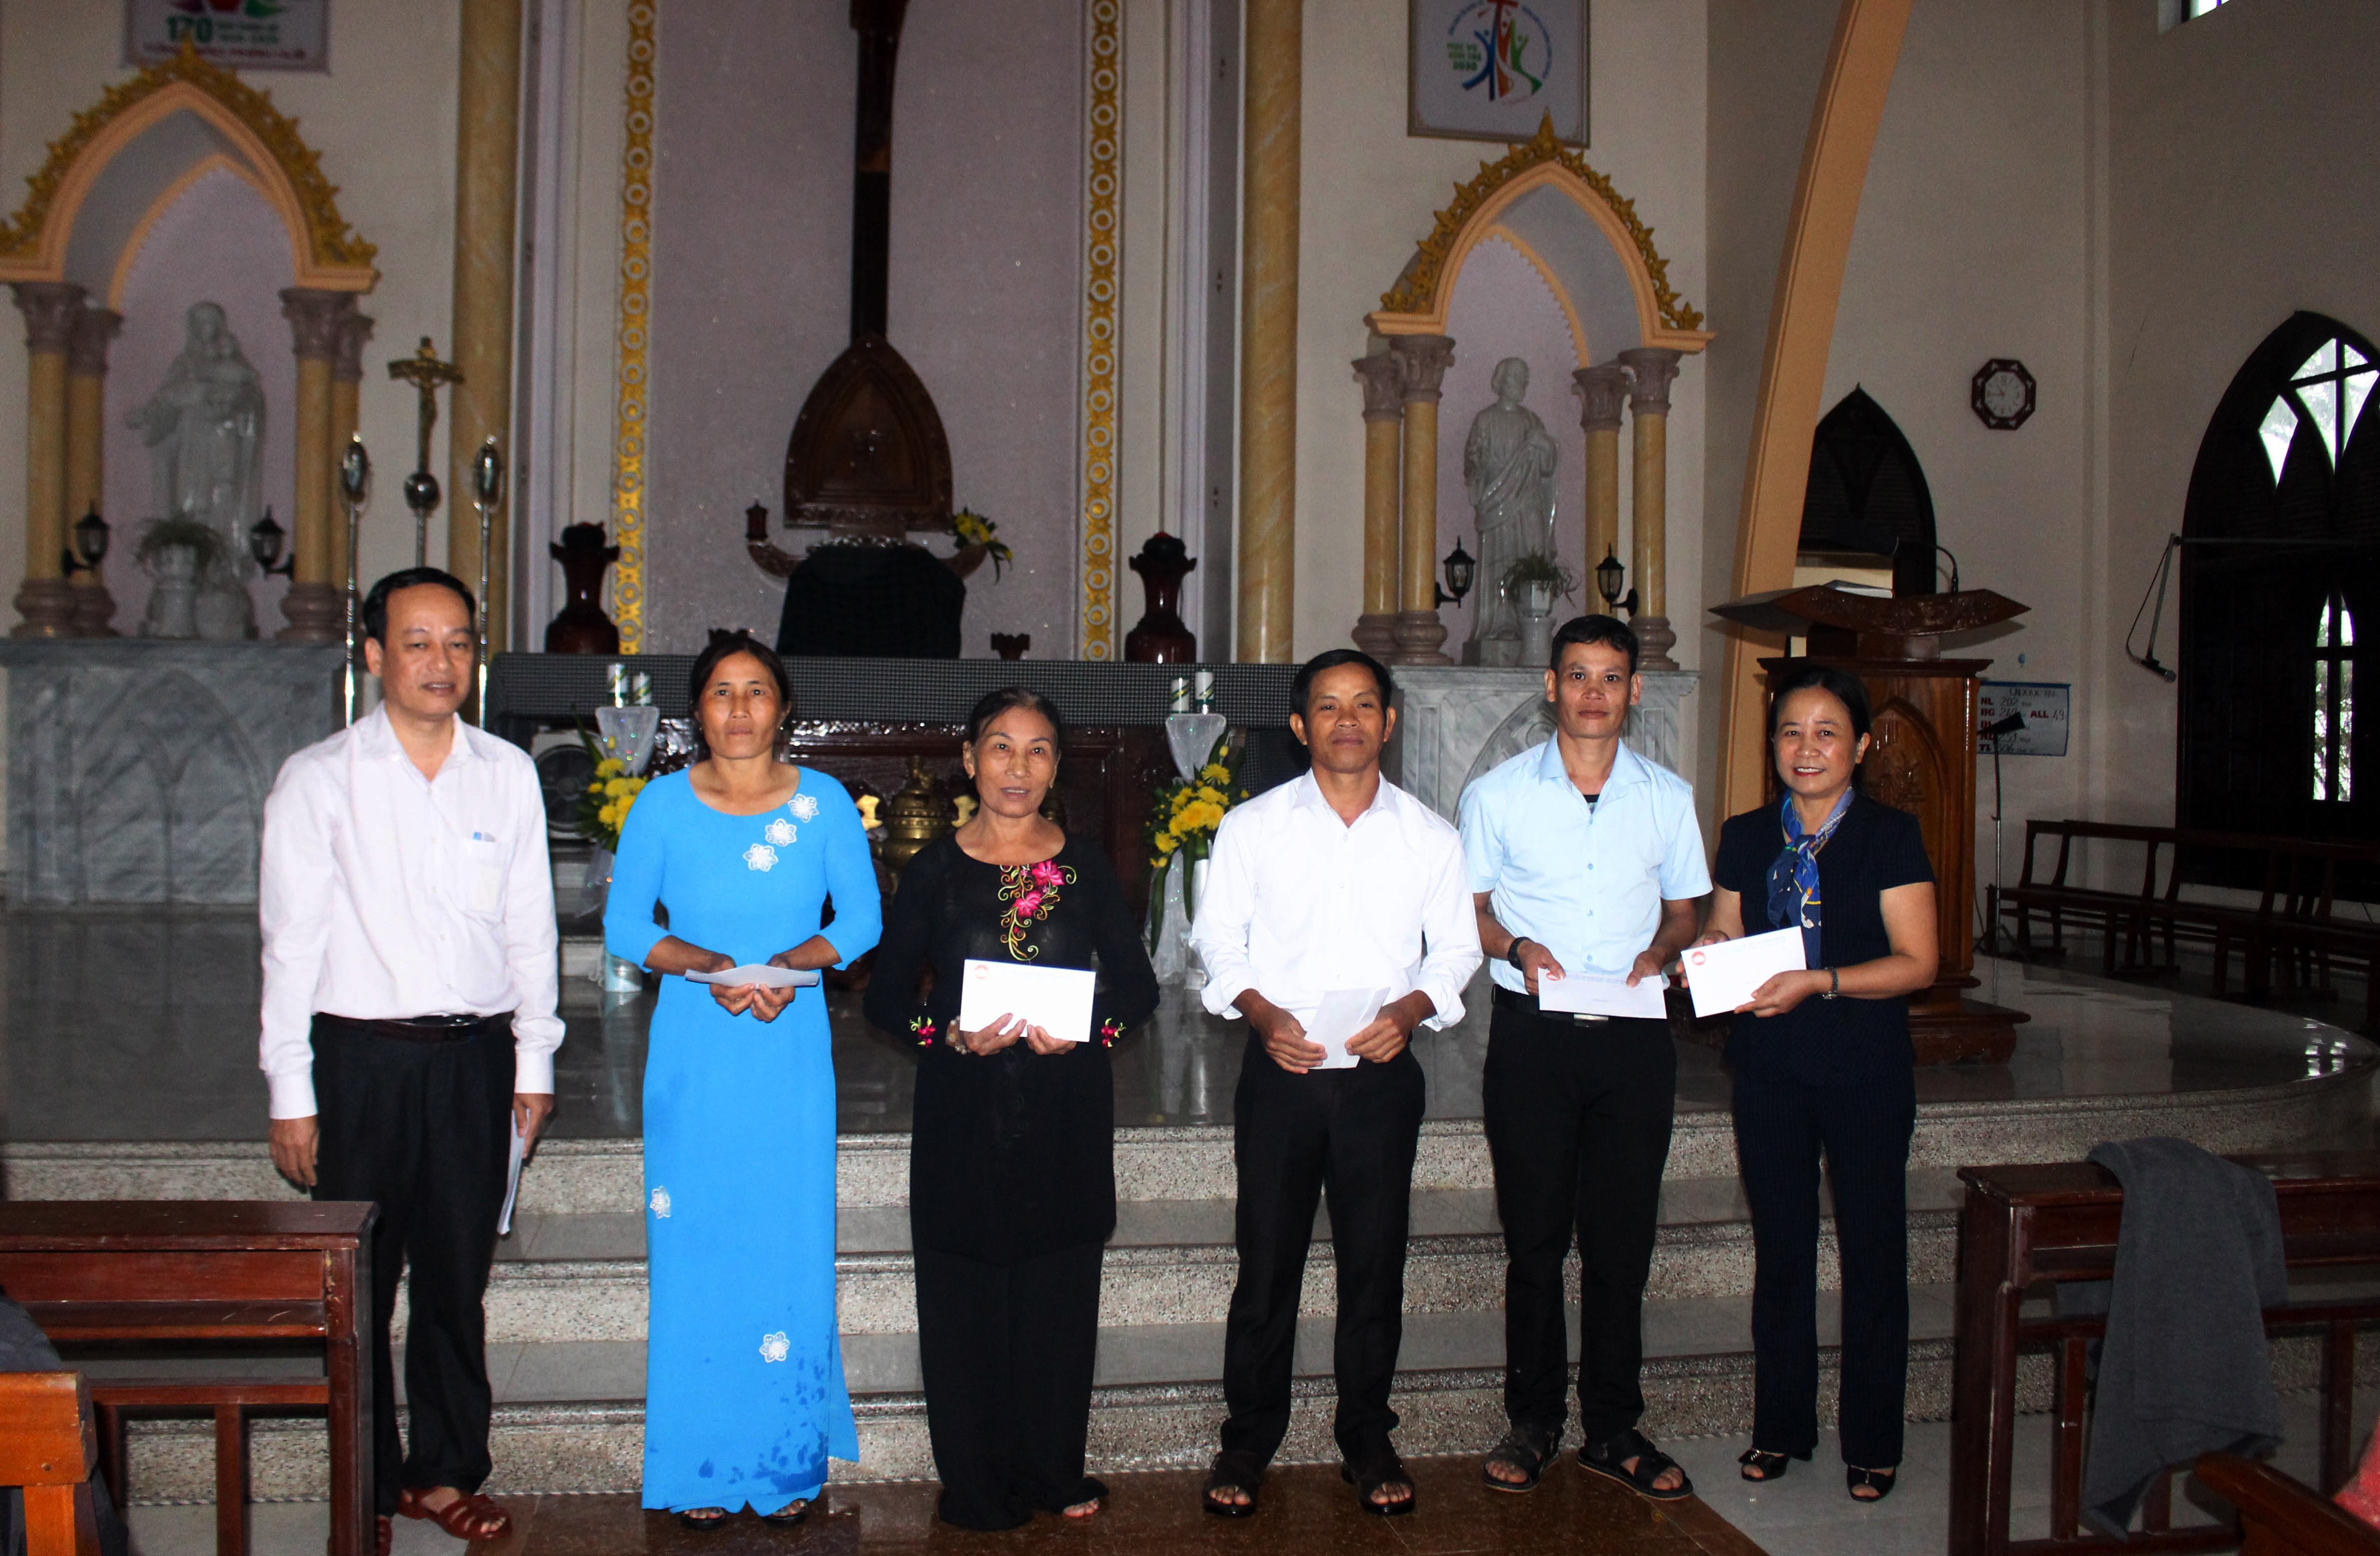 Bà Lê Thị Lan Hương (bìa phải), Trưởng ban Dân vận Tỉnh ủy Quảng Trị tặng quà cho bà con Giáo xứ Hội Điền.